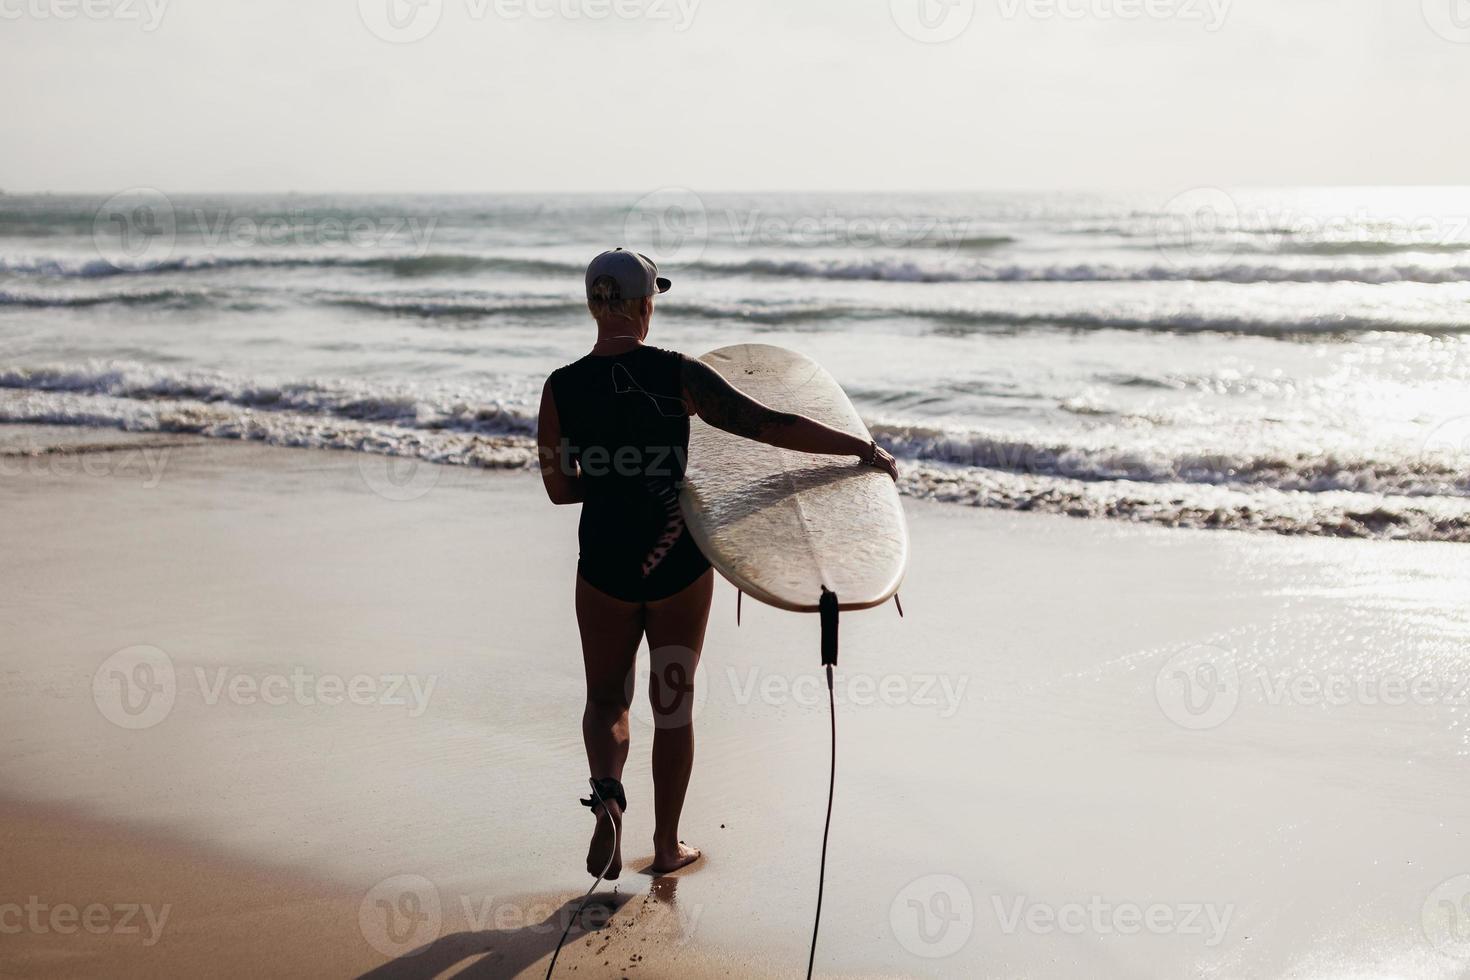 mujer surf con vista trasera de la tabla de surf foto